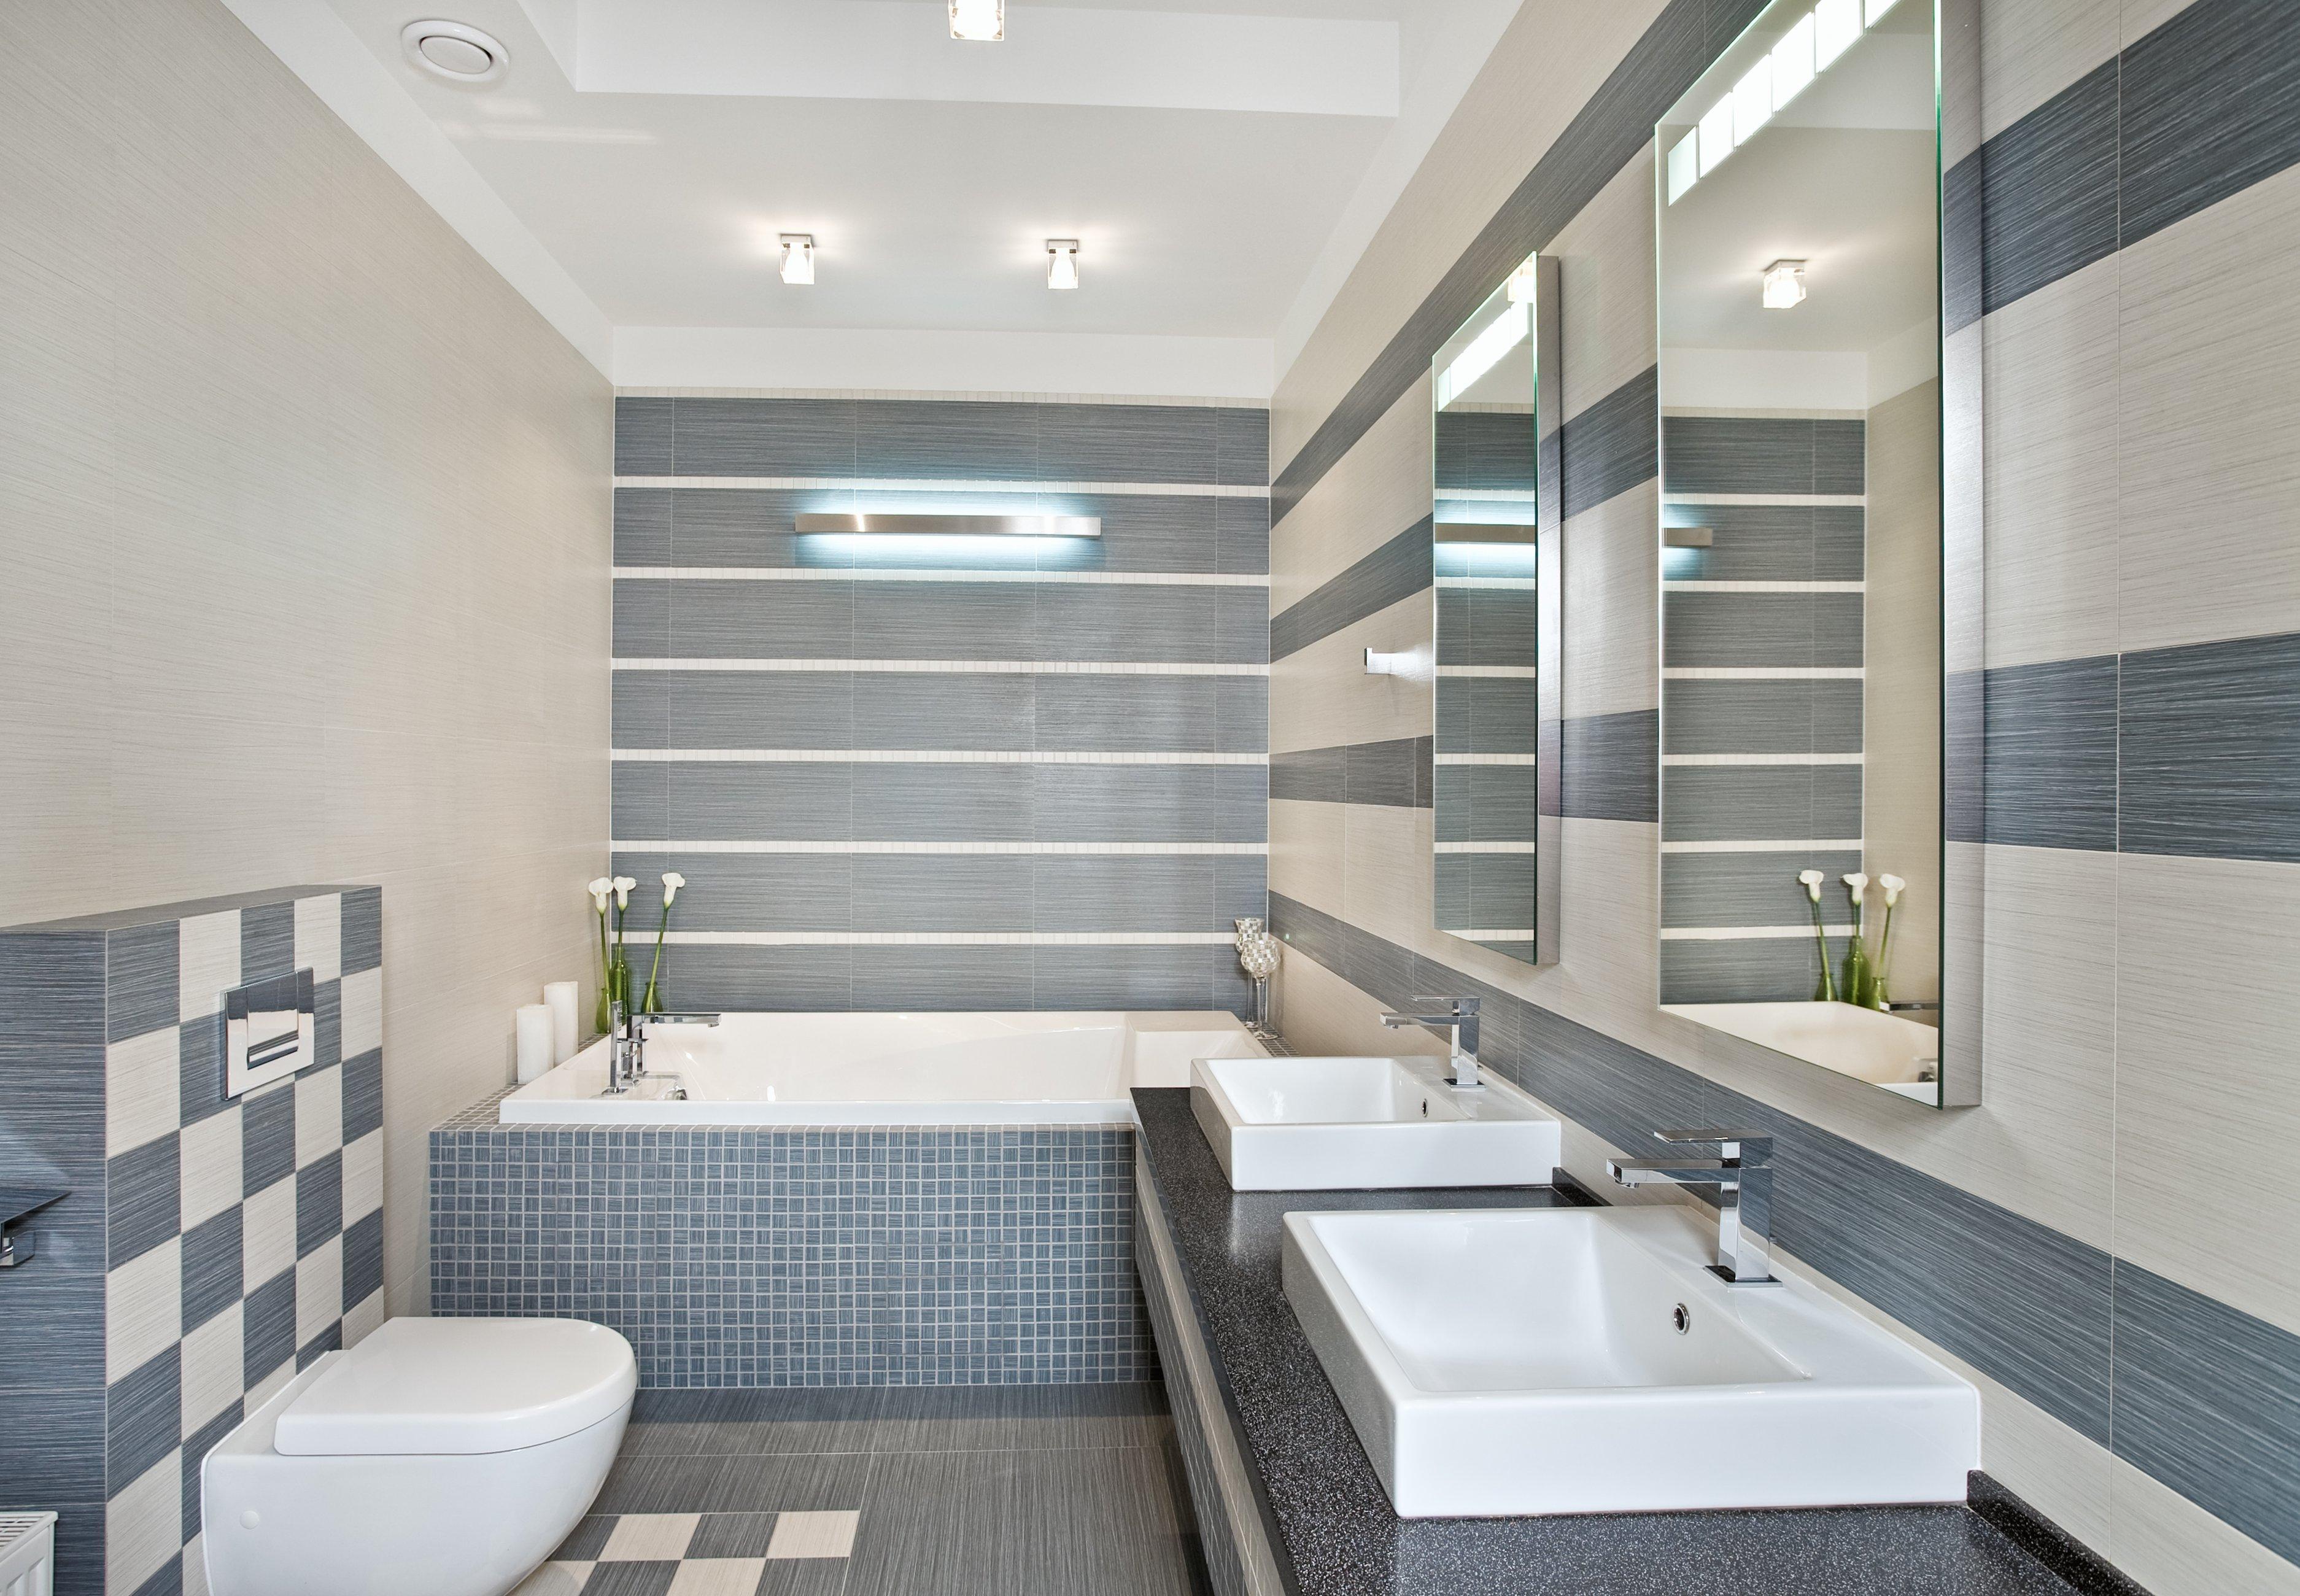 Дизайн ванной комнаты из панелей 2017-2018 современные